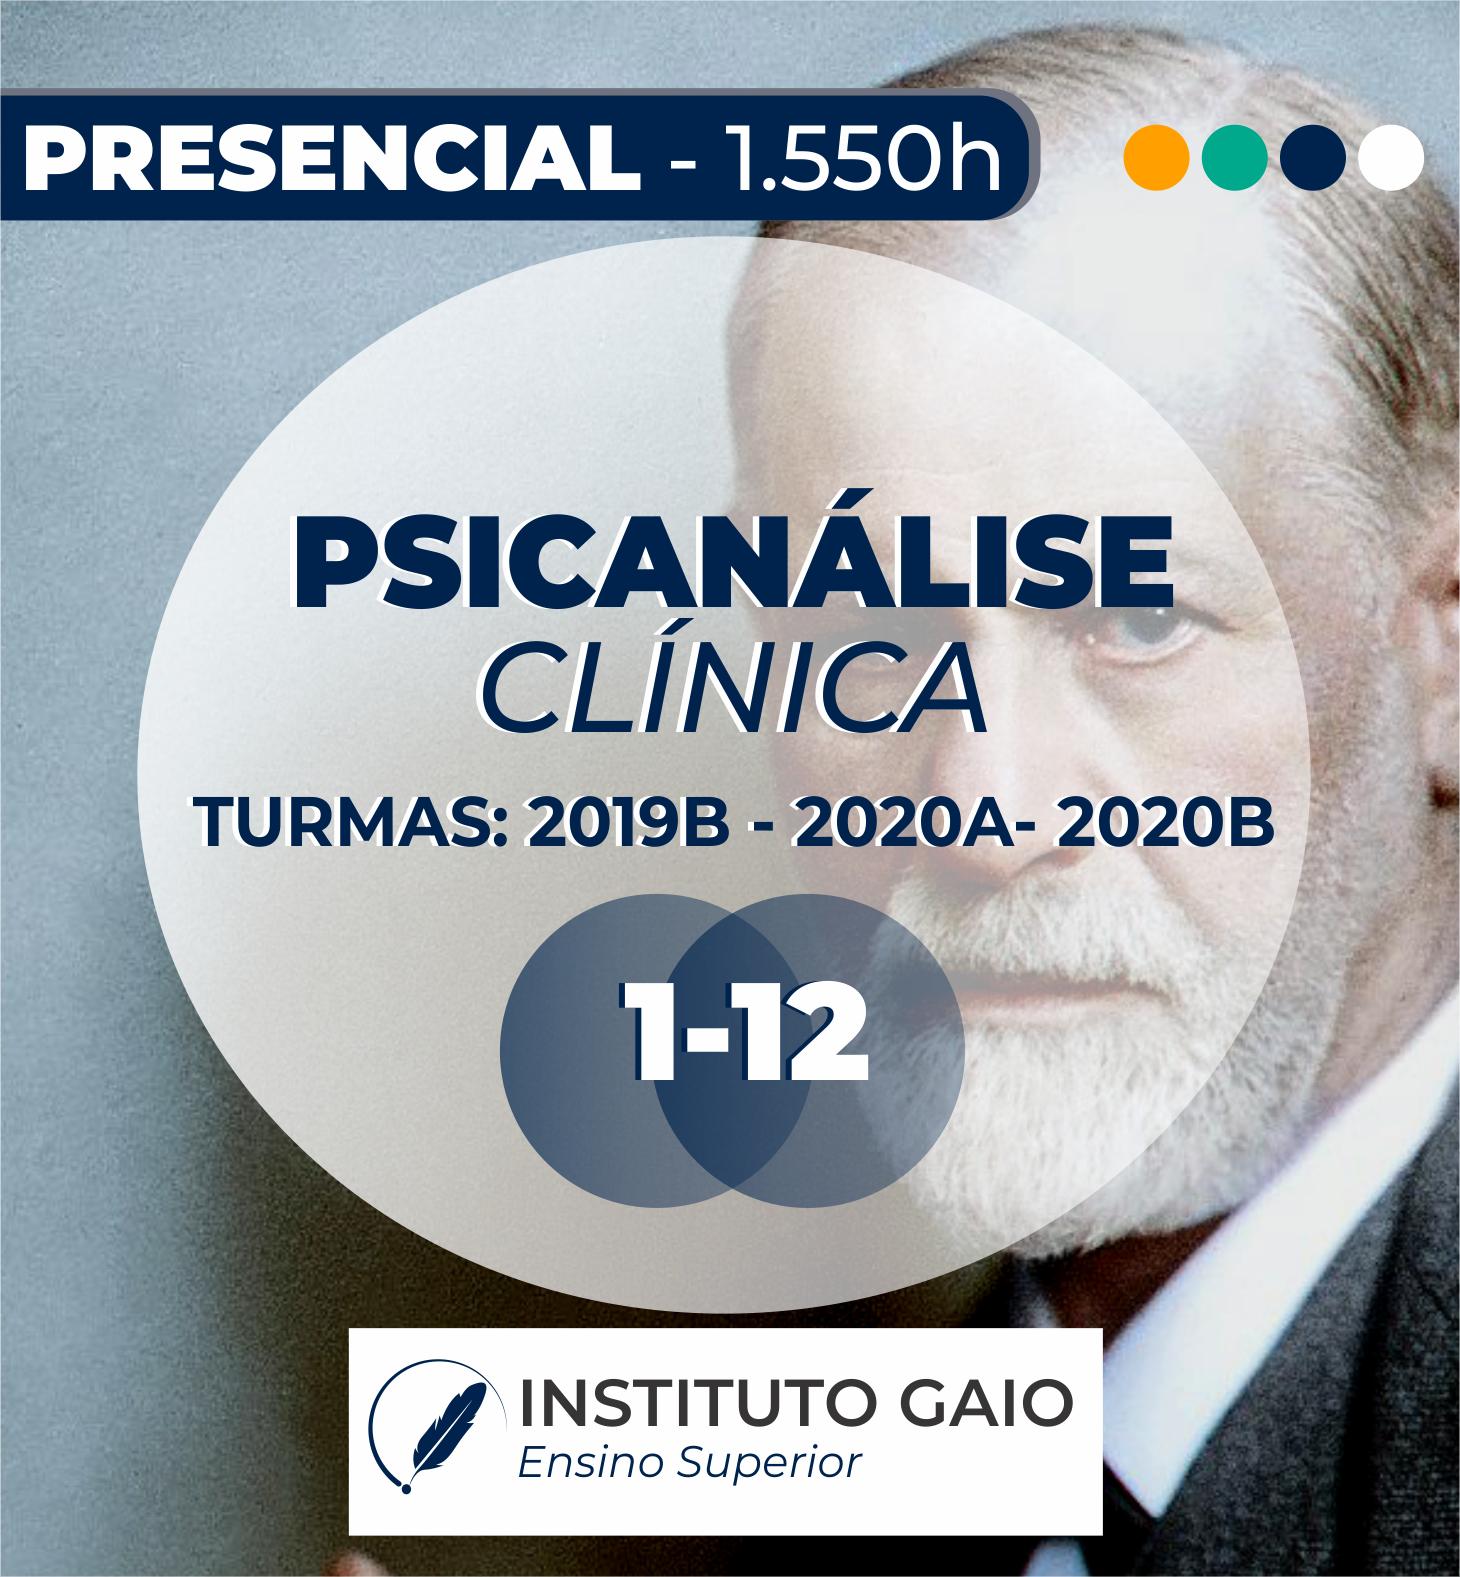 FORMAÇÃO DE PSICANÁLISE CLÍNICA – PRESENCIAL -1.550HORAS